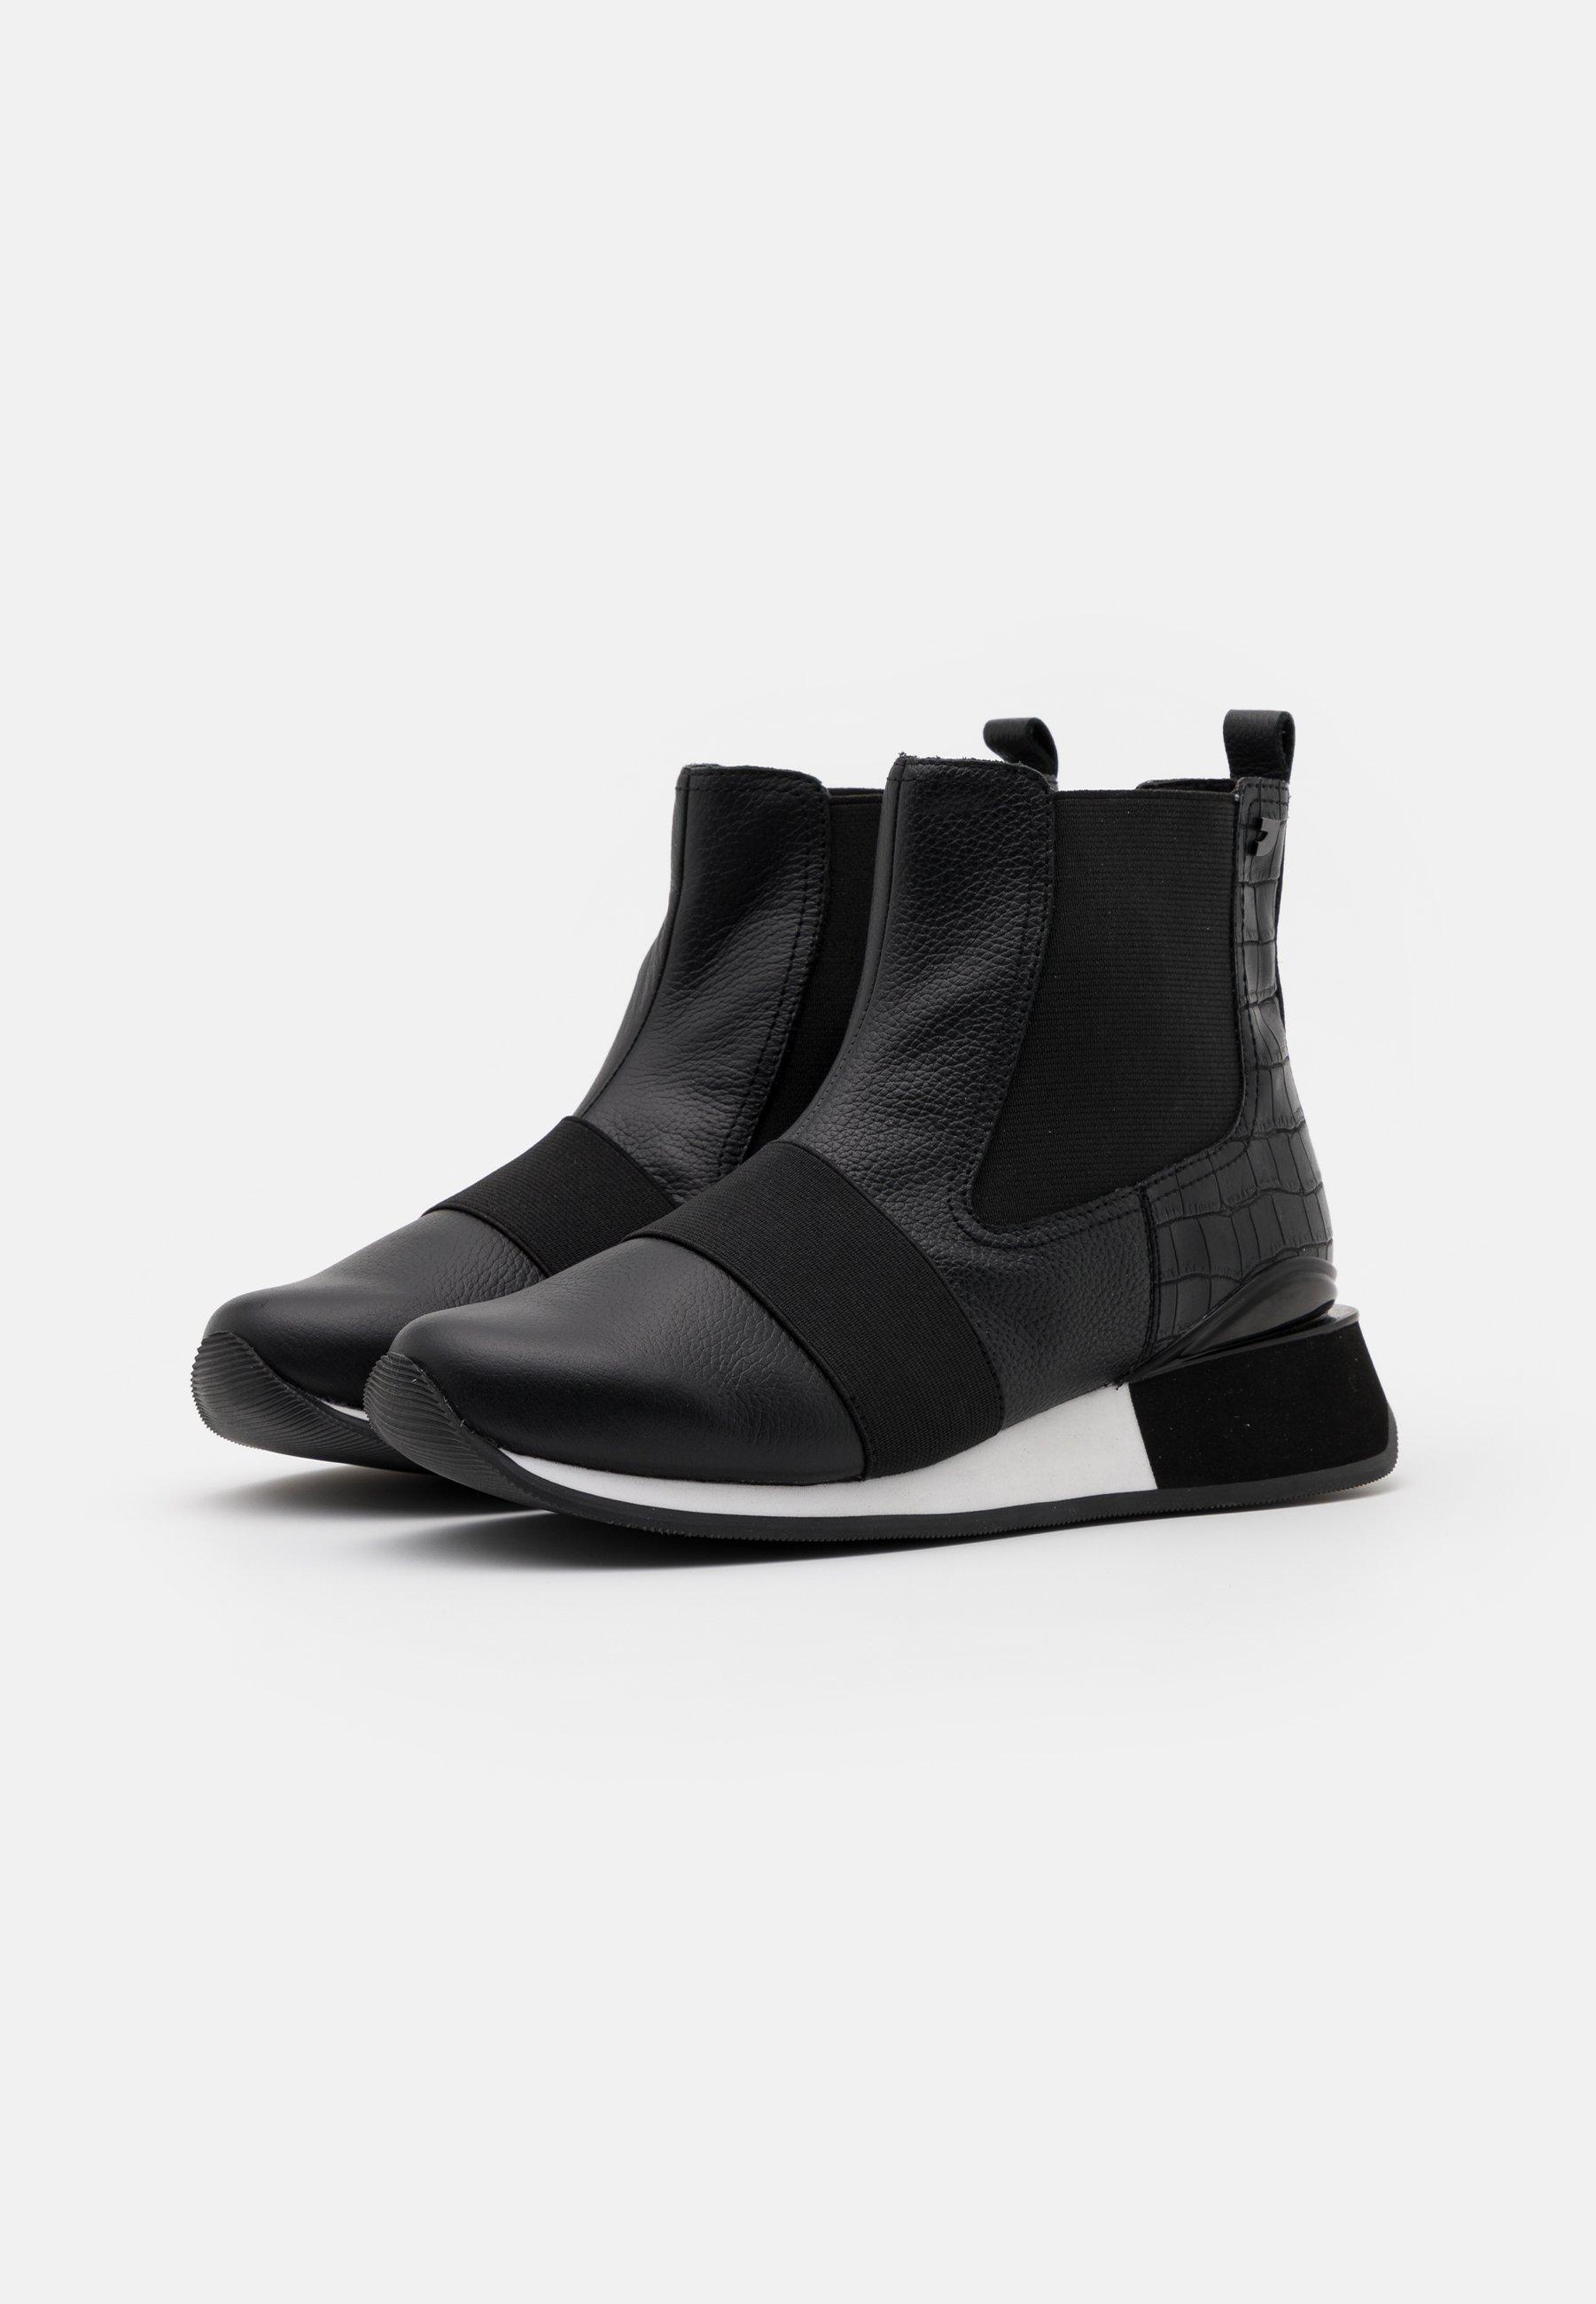 Gioseppo EGGESIN Ankle Boot black/schwarz